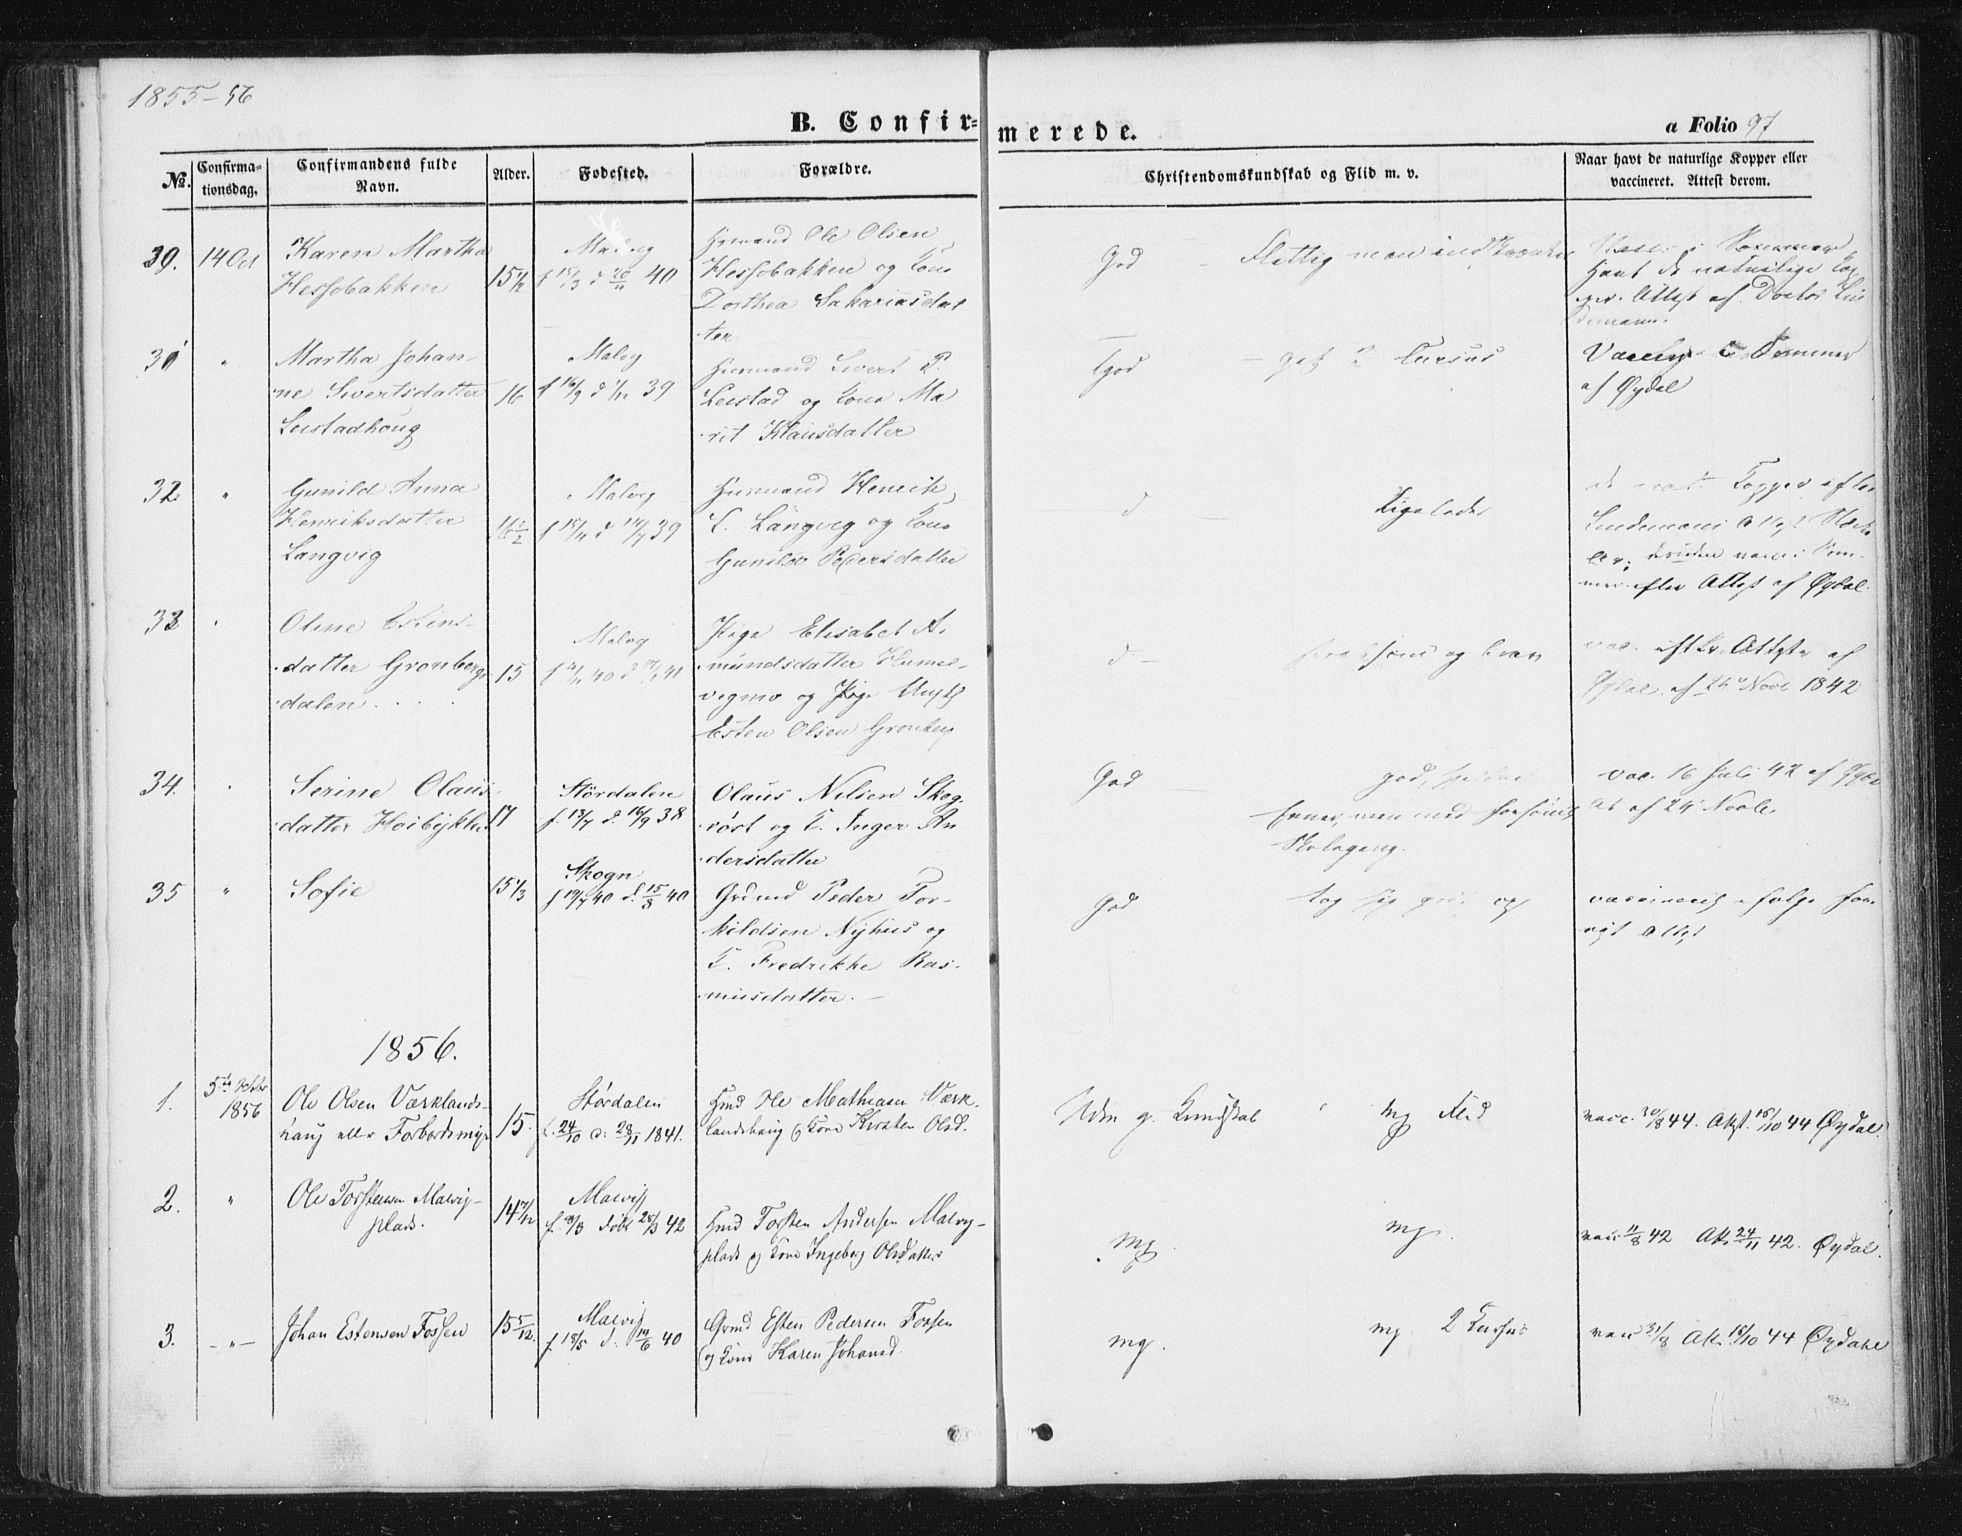 SAT, Ministerialprotokoller, klokkerbøker og fødselsregistre - Sør-Trøndelag, 616/L0407: Ministerialbok nr. 616A04, 1848-1856, s. 97